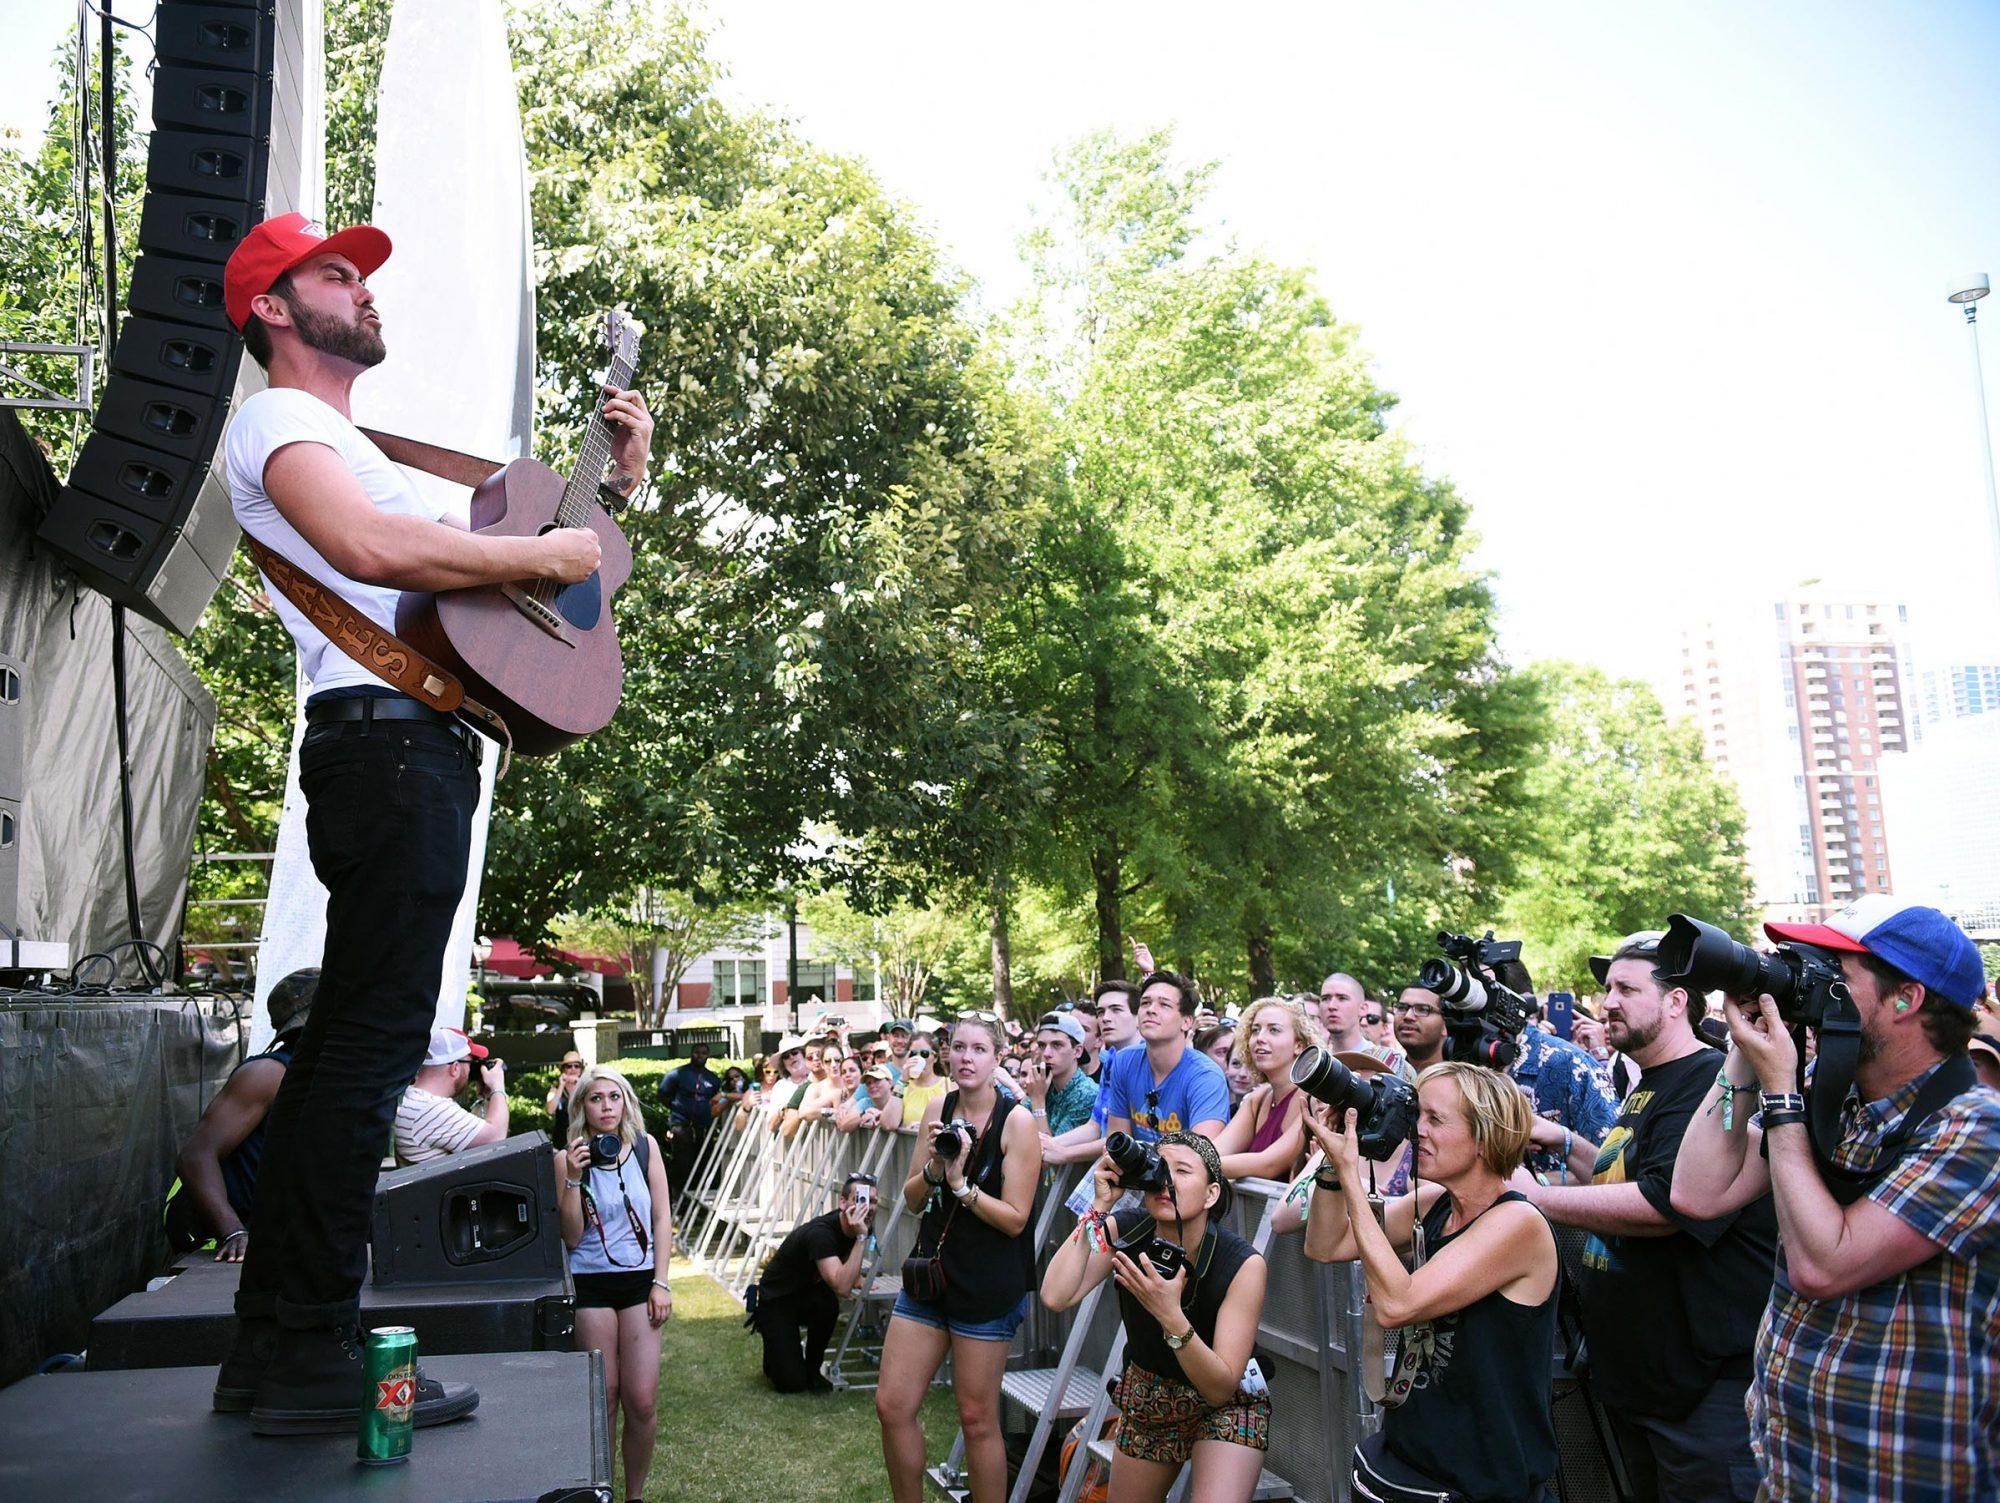 2016 Shaky Knees Music Festival - Day 2